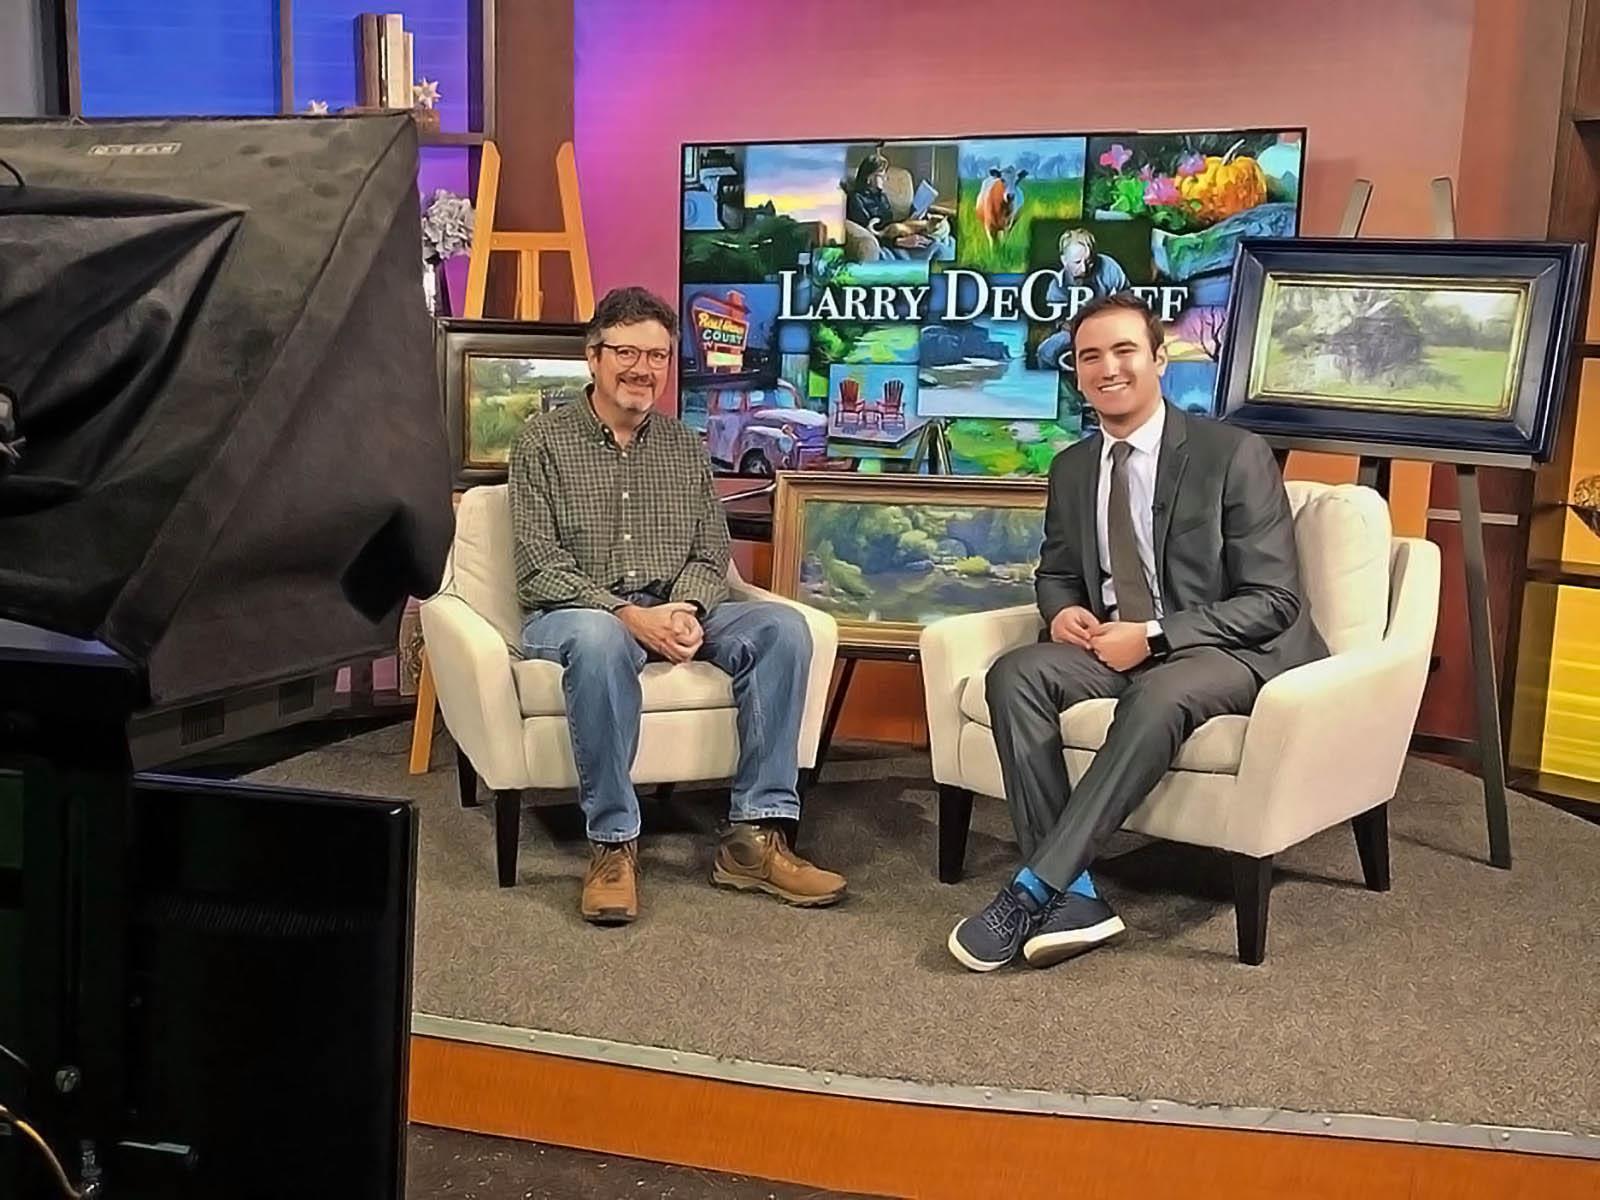 KOAM News interview set